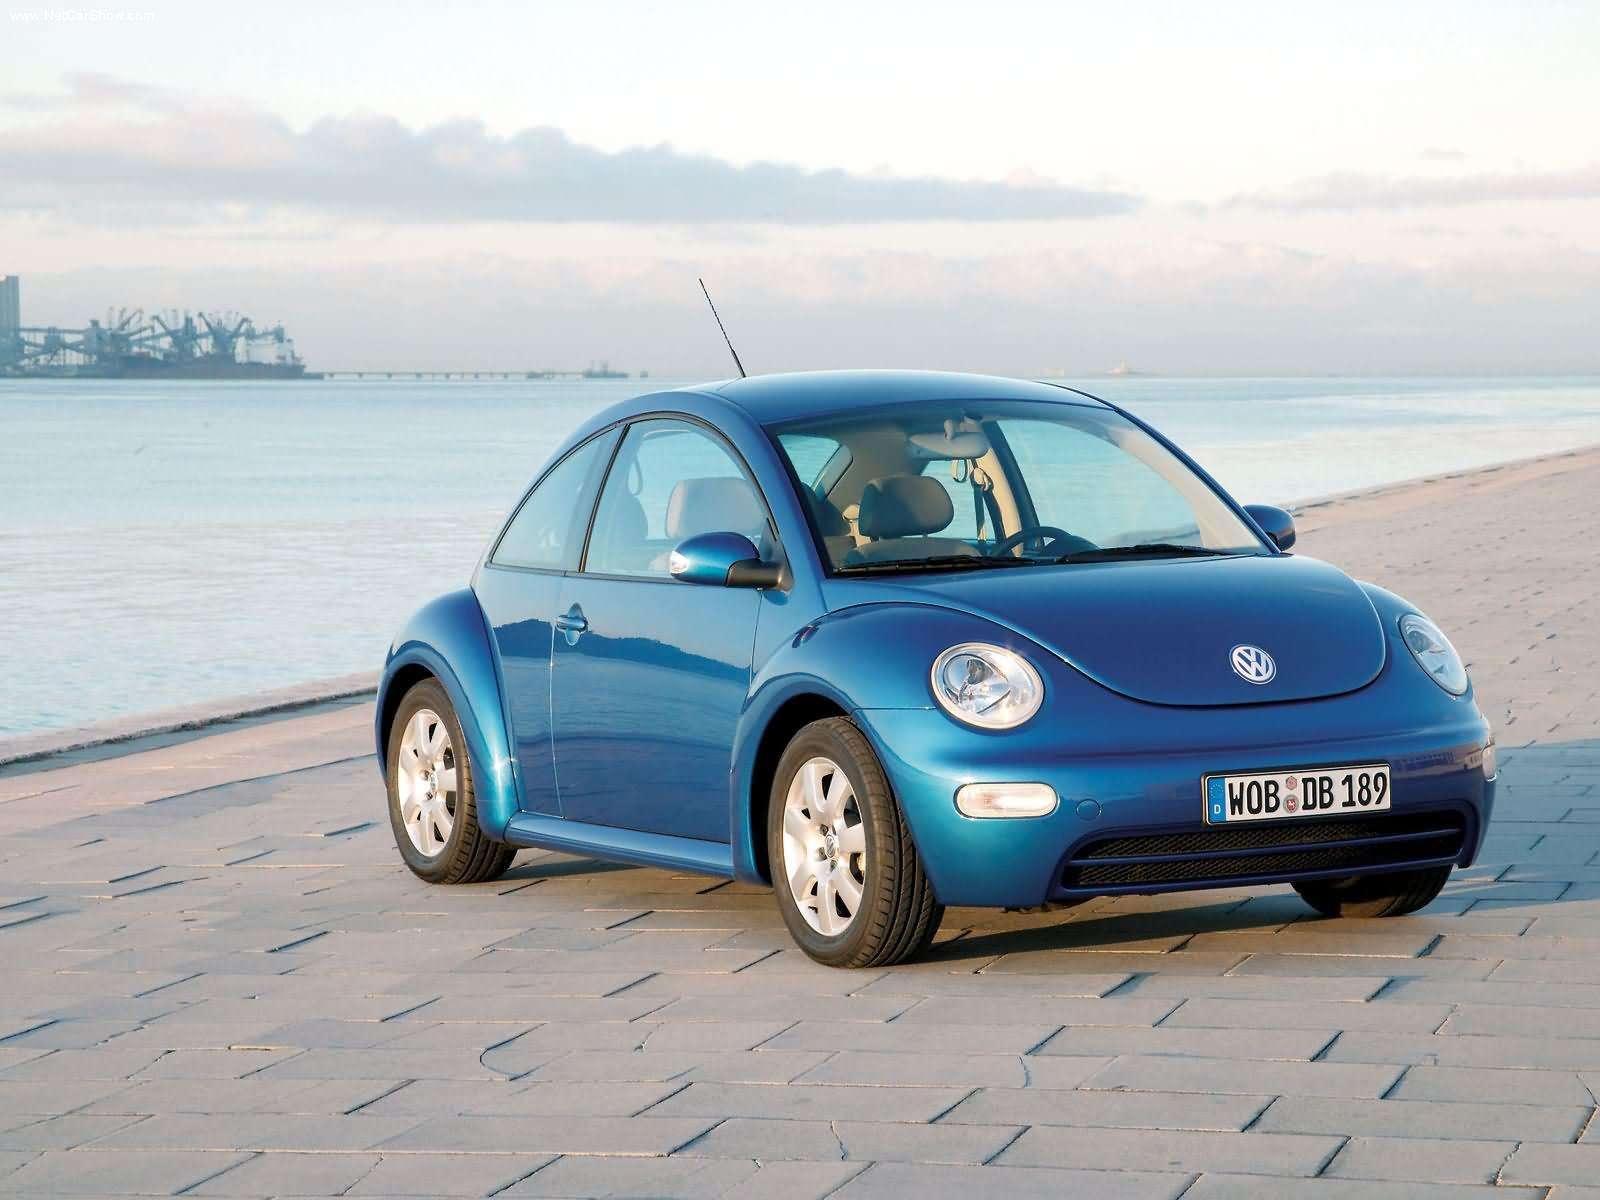 3dtuning of volkswagen beetle turbo hatchback 2004 unique on line car. Black Bedroom Furniture Sets. Home Design Ideas